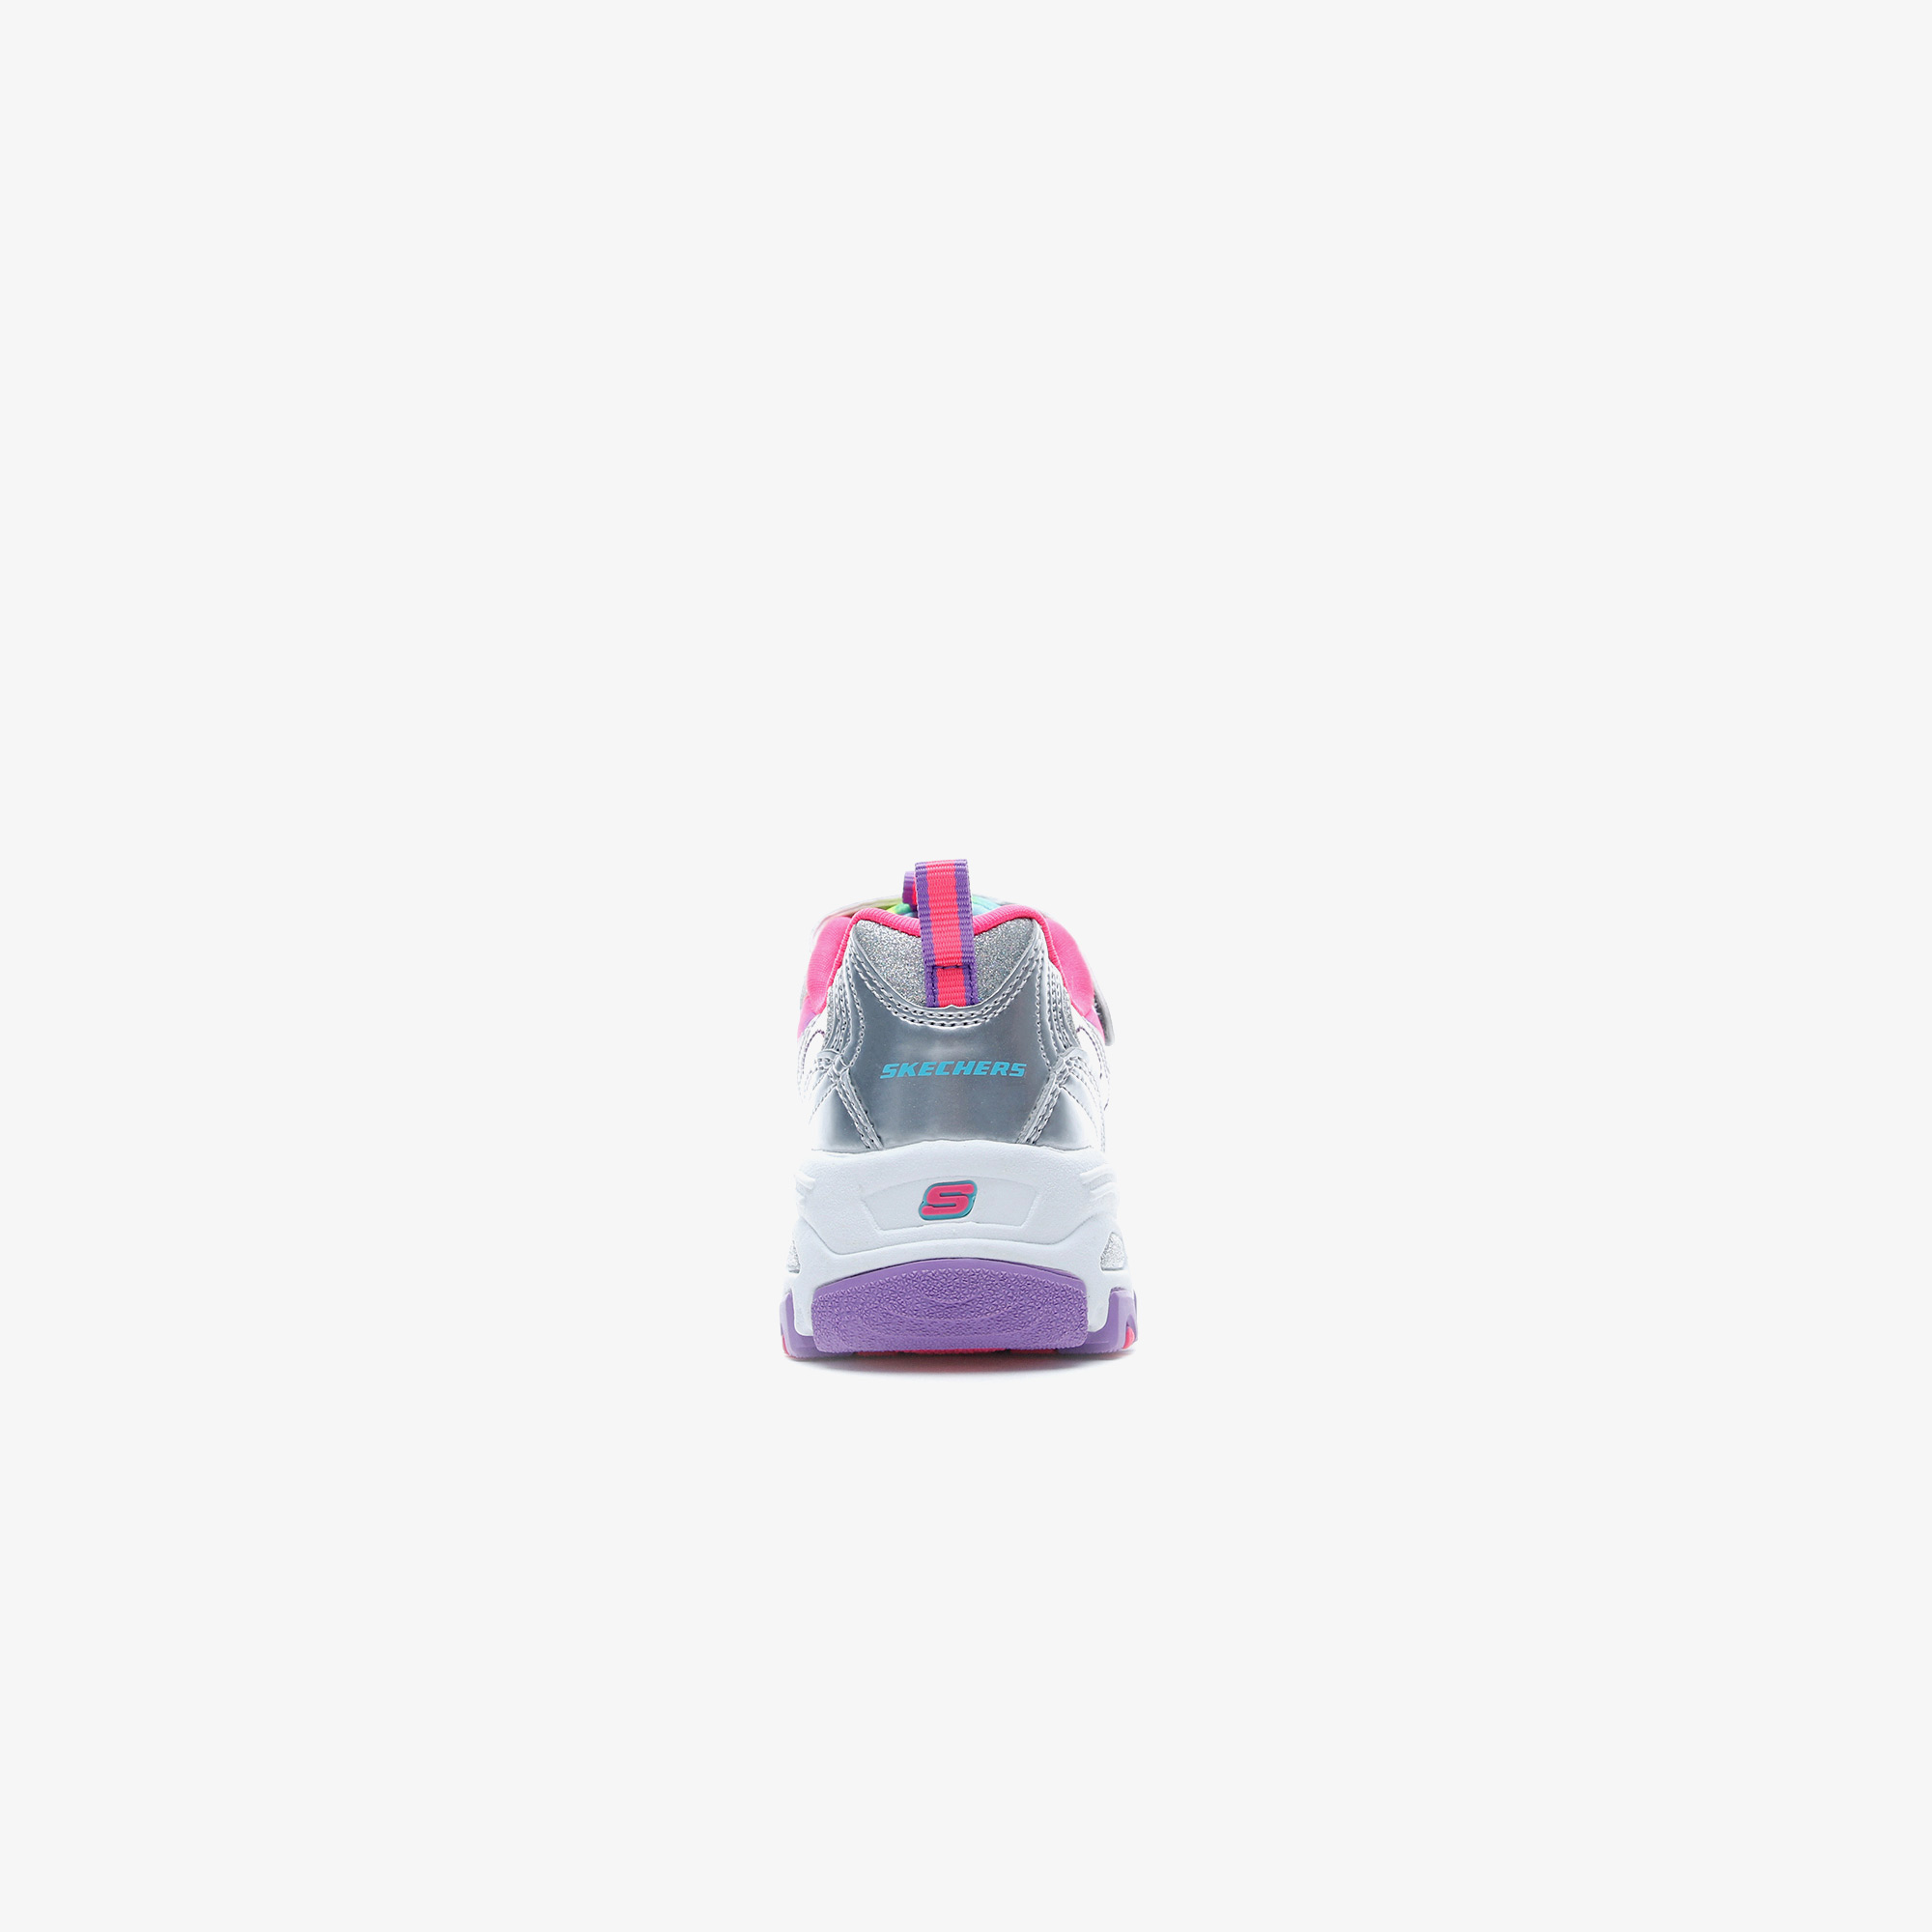 Skechers D'Lites Gri Çocuk Spor Ayakkabı